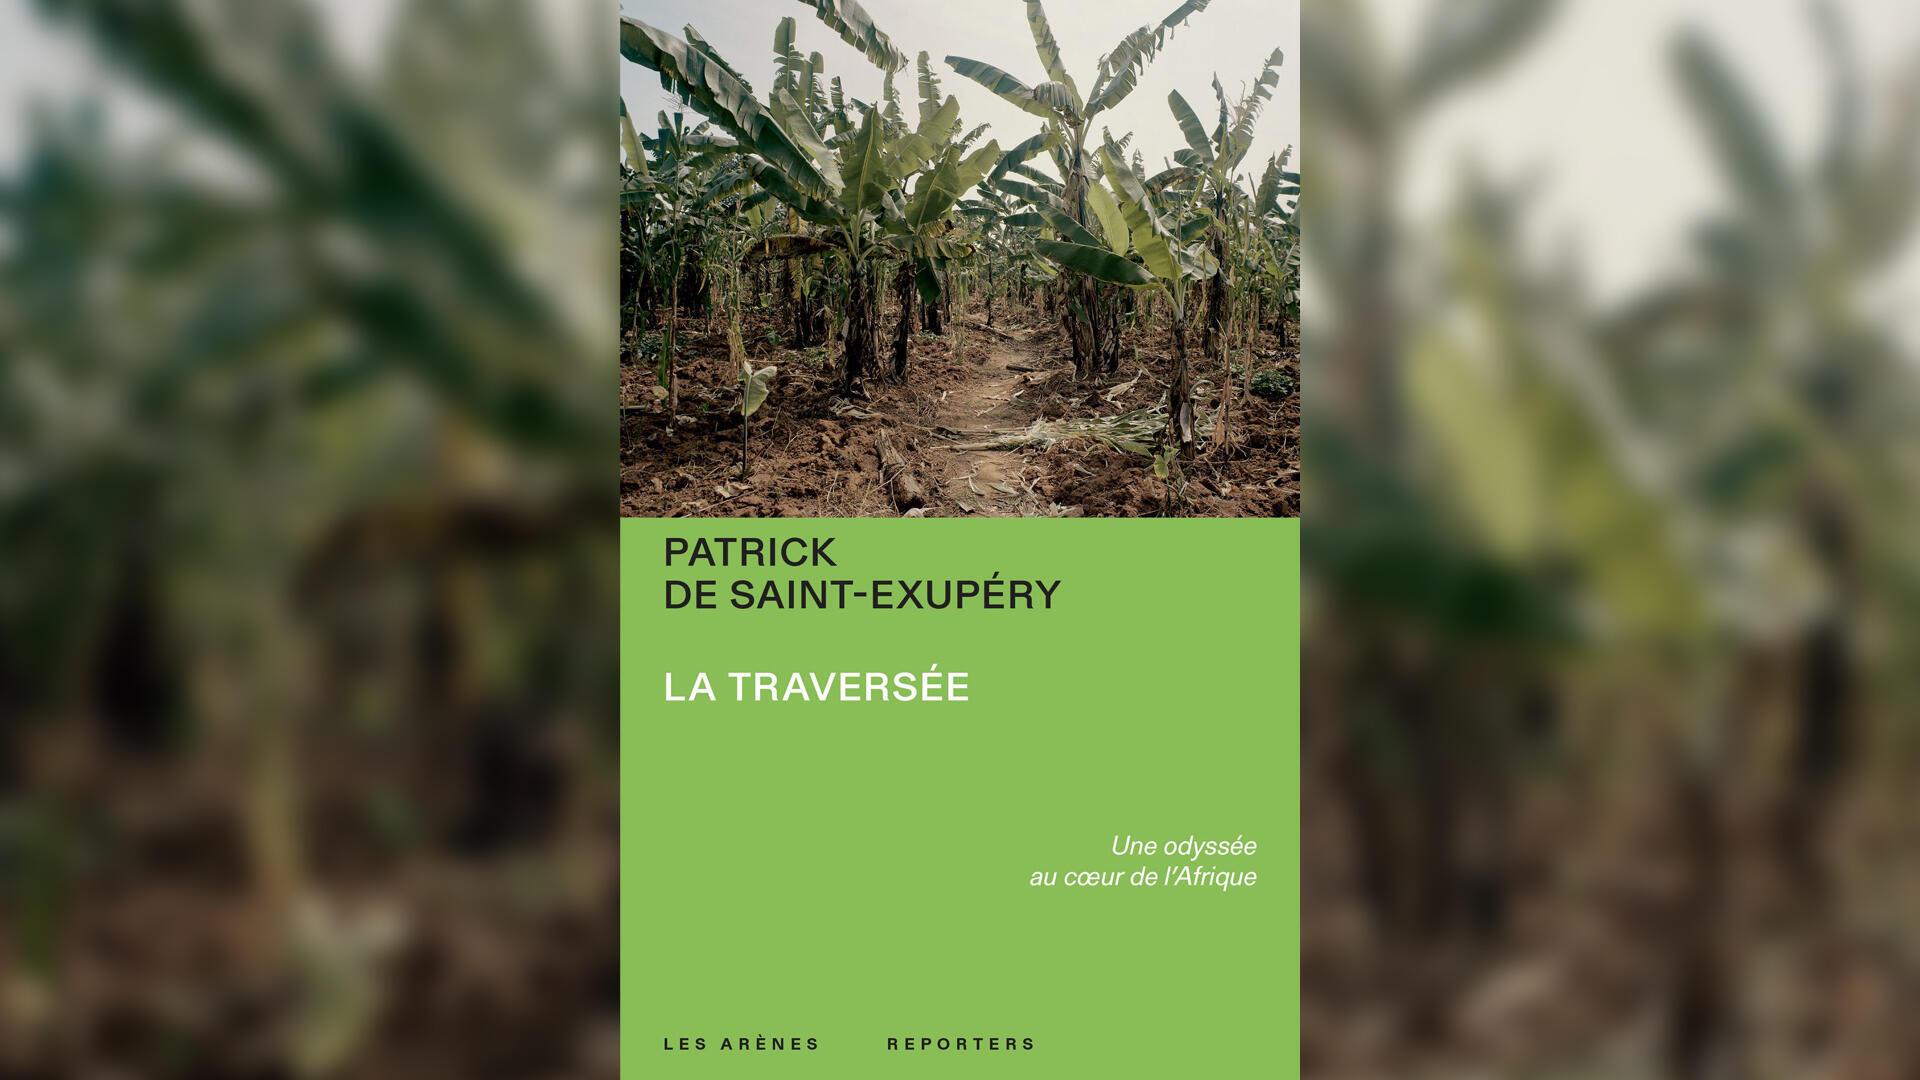 Couverture - La traversée - Patrick de Saint-Exupéry - Une semaine d'actualité